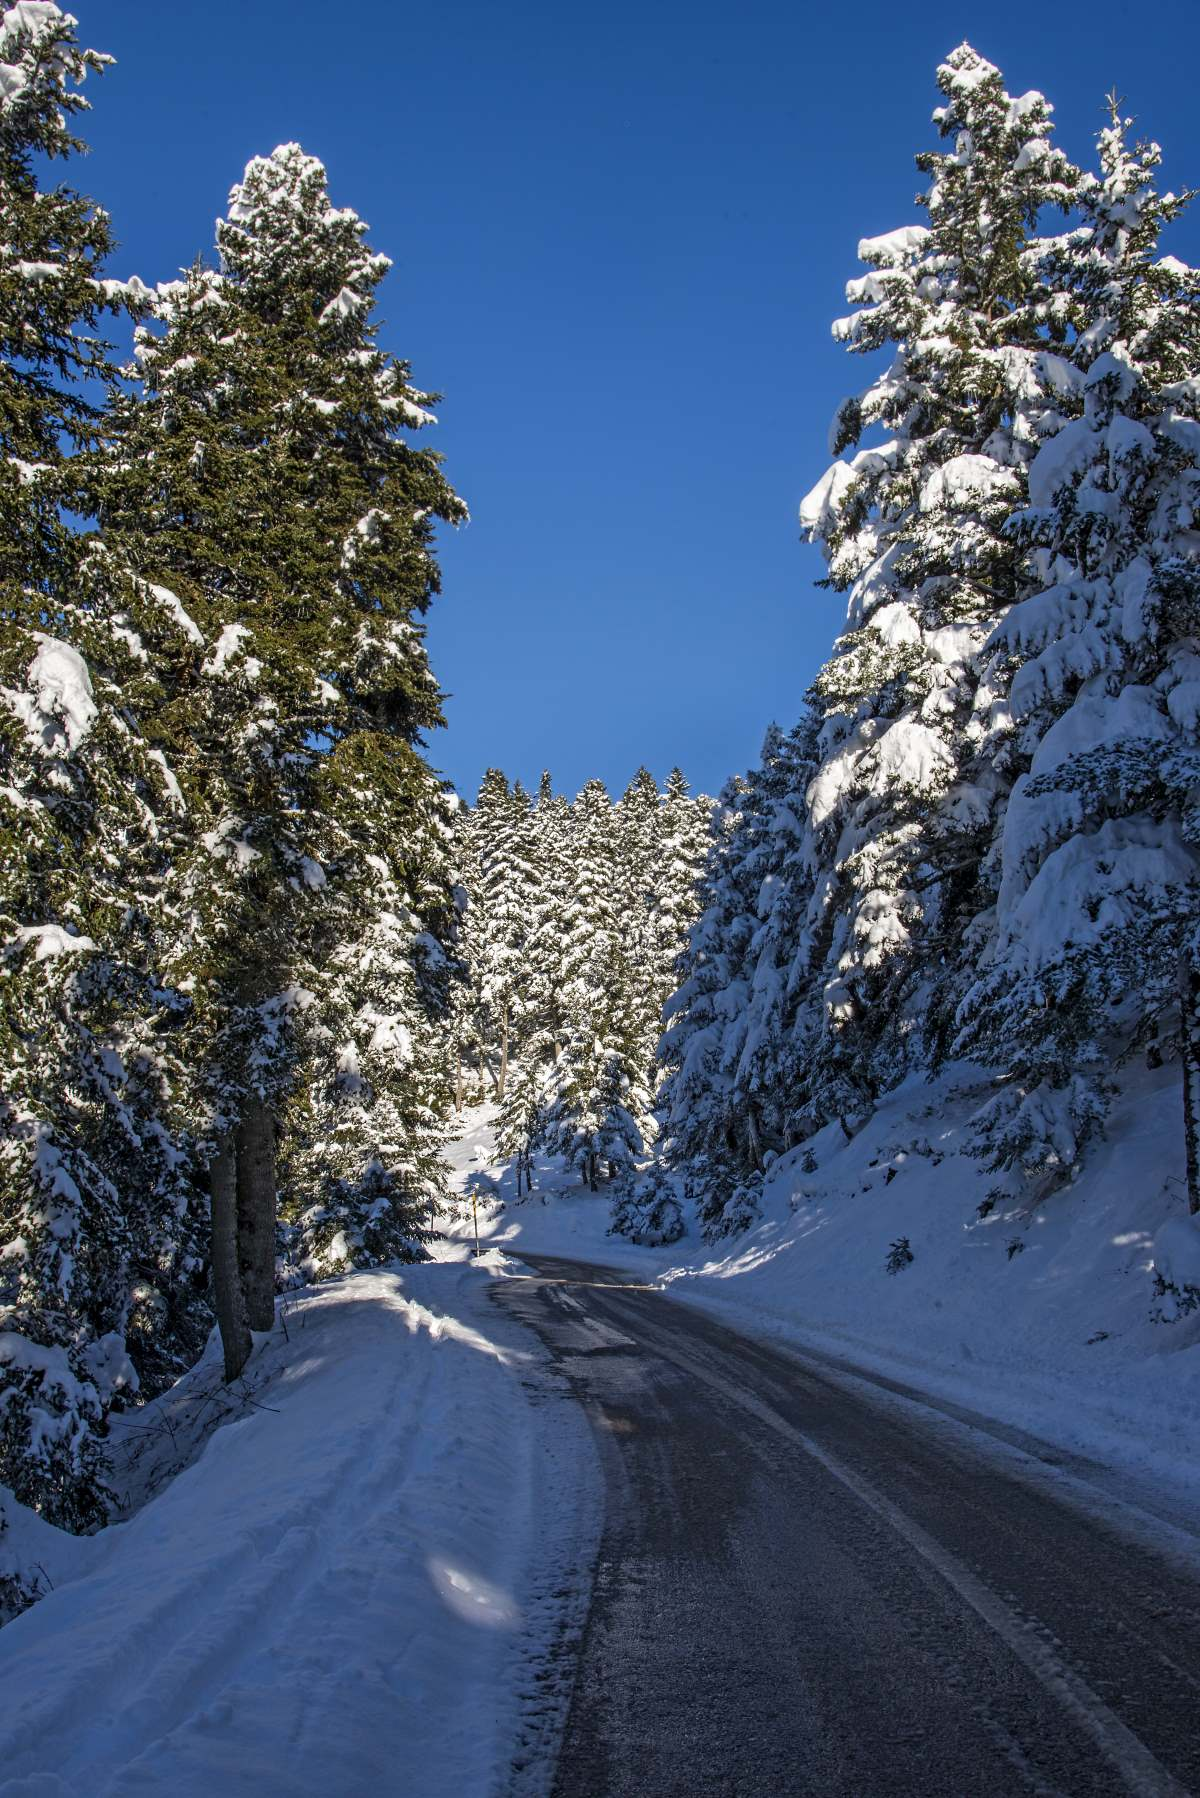 Διαδρομή- προς τα ορεινά χωριά της Ευρυτανίας